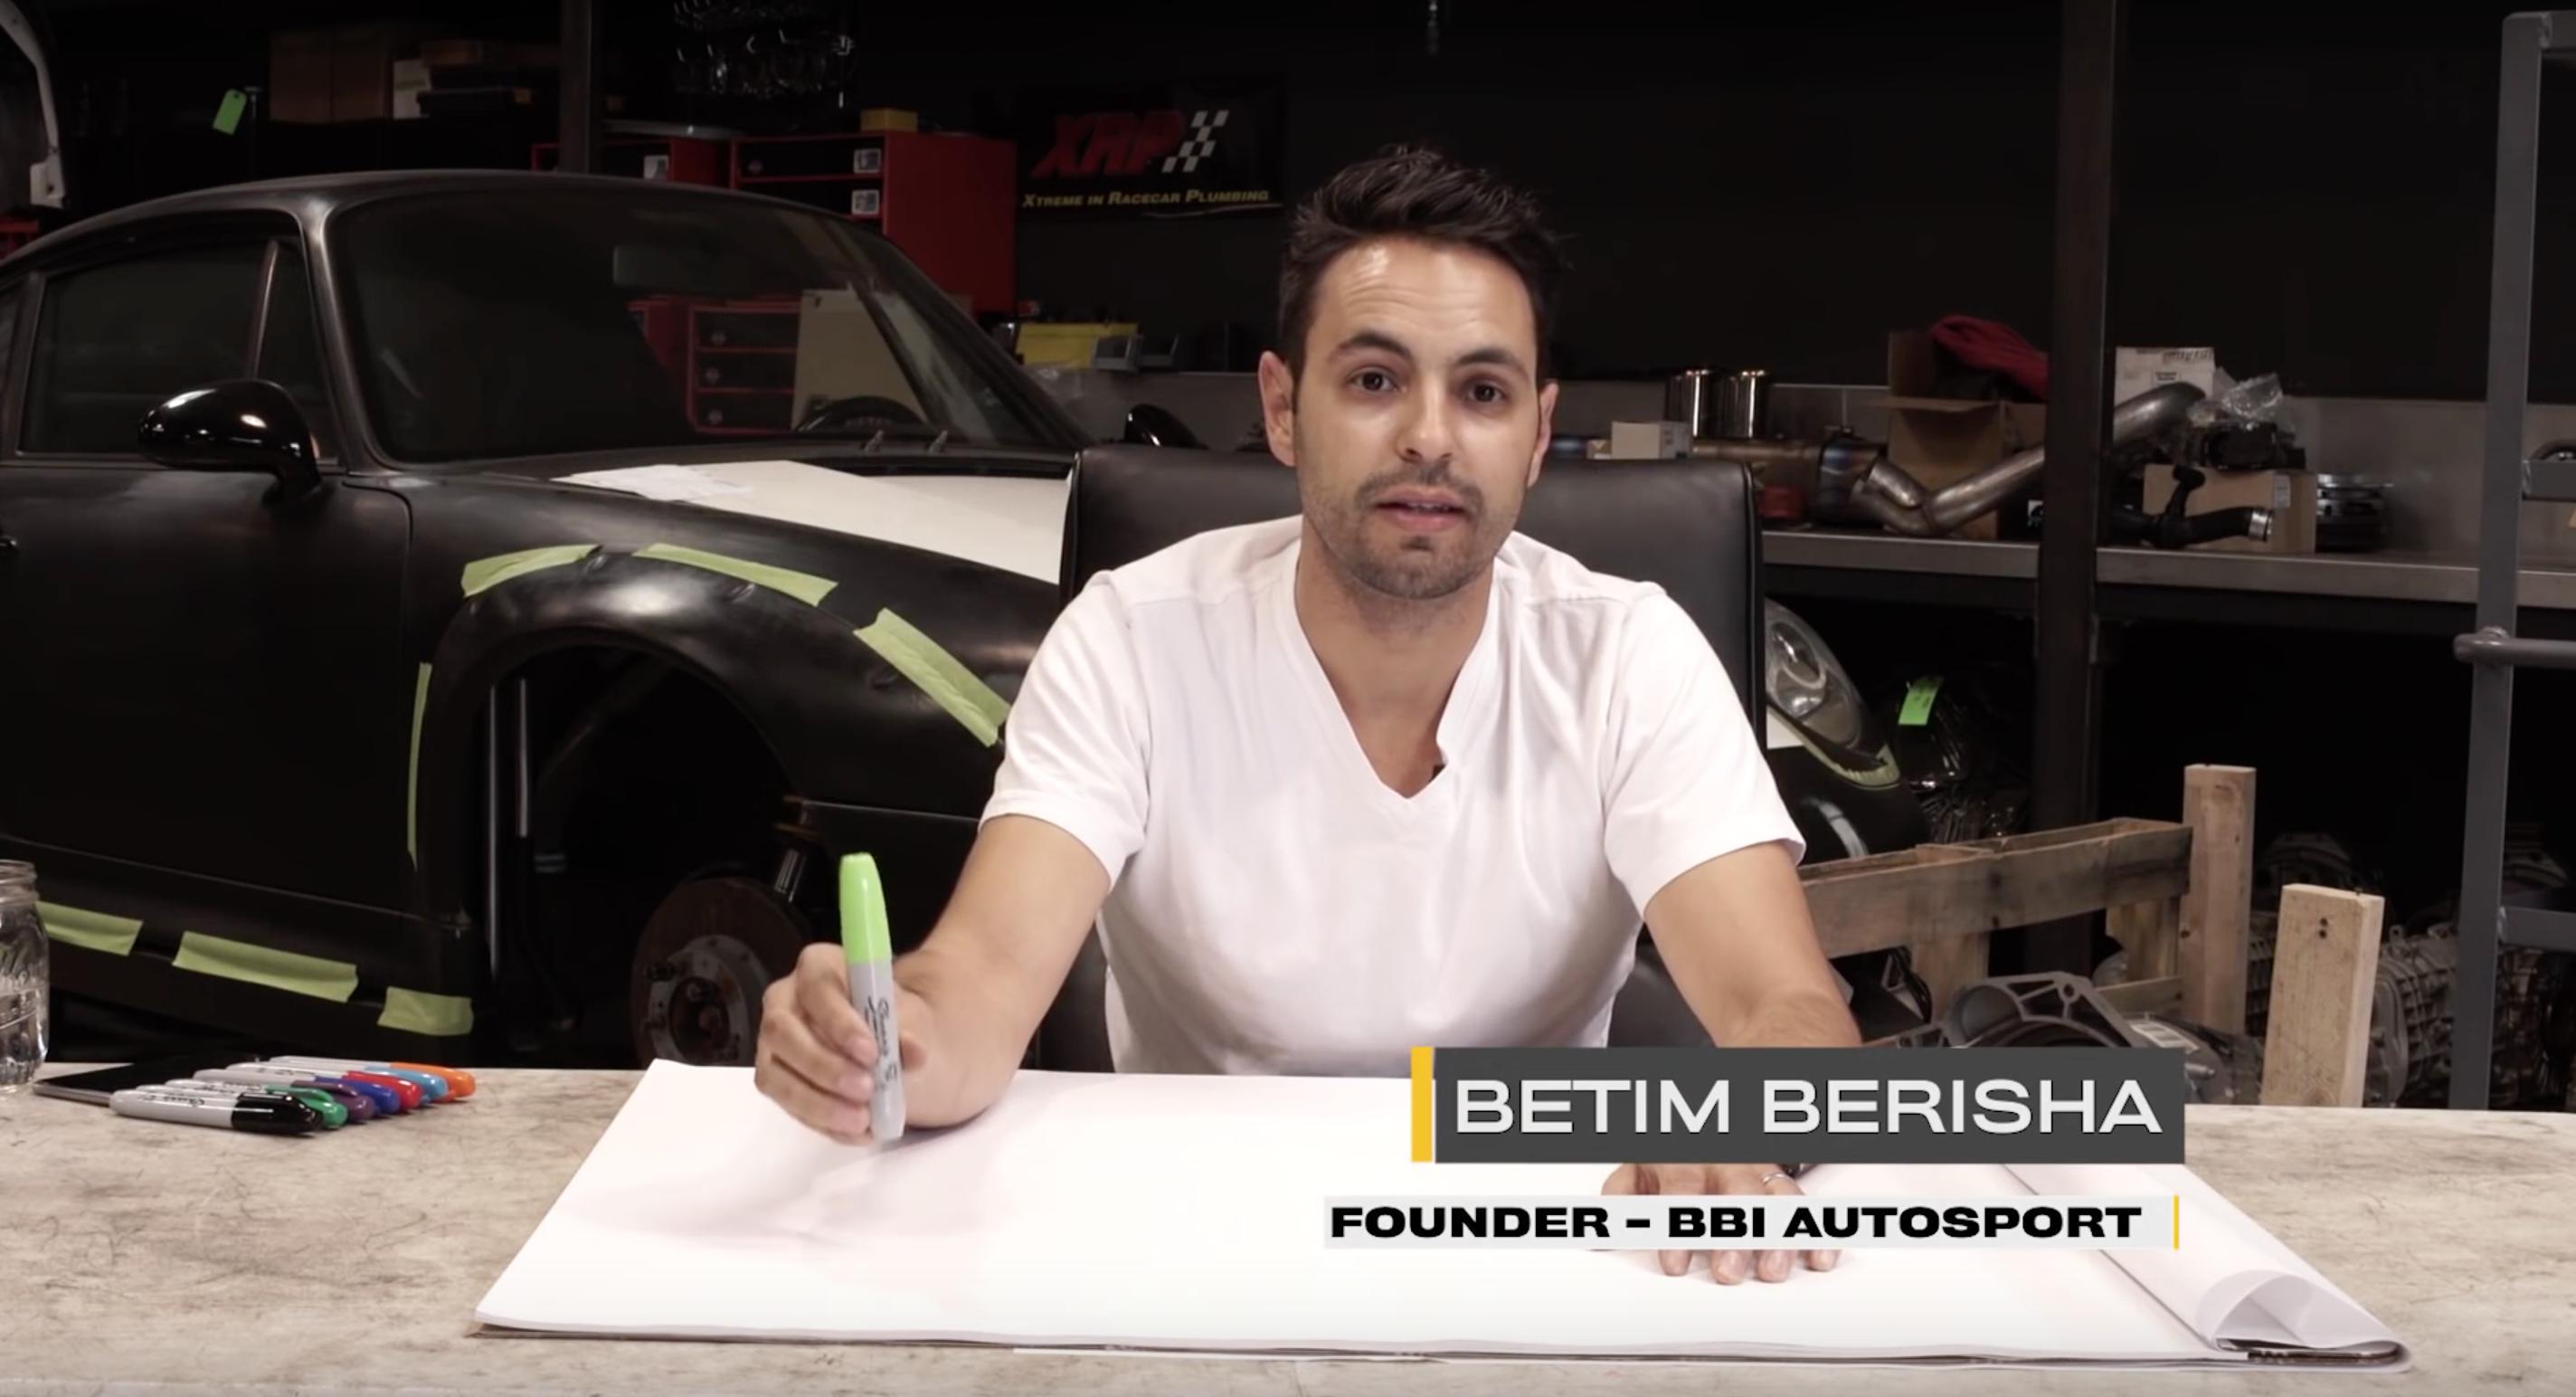 Betim Berisha, founder of BBI Autosport